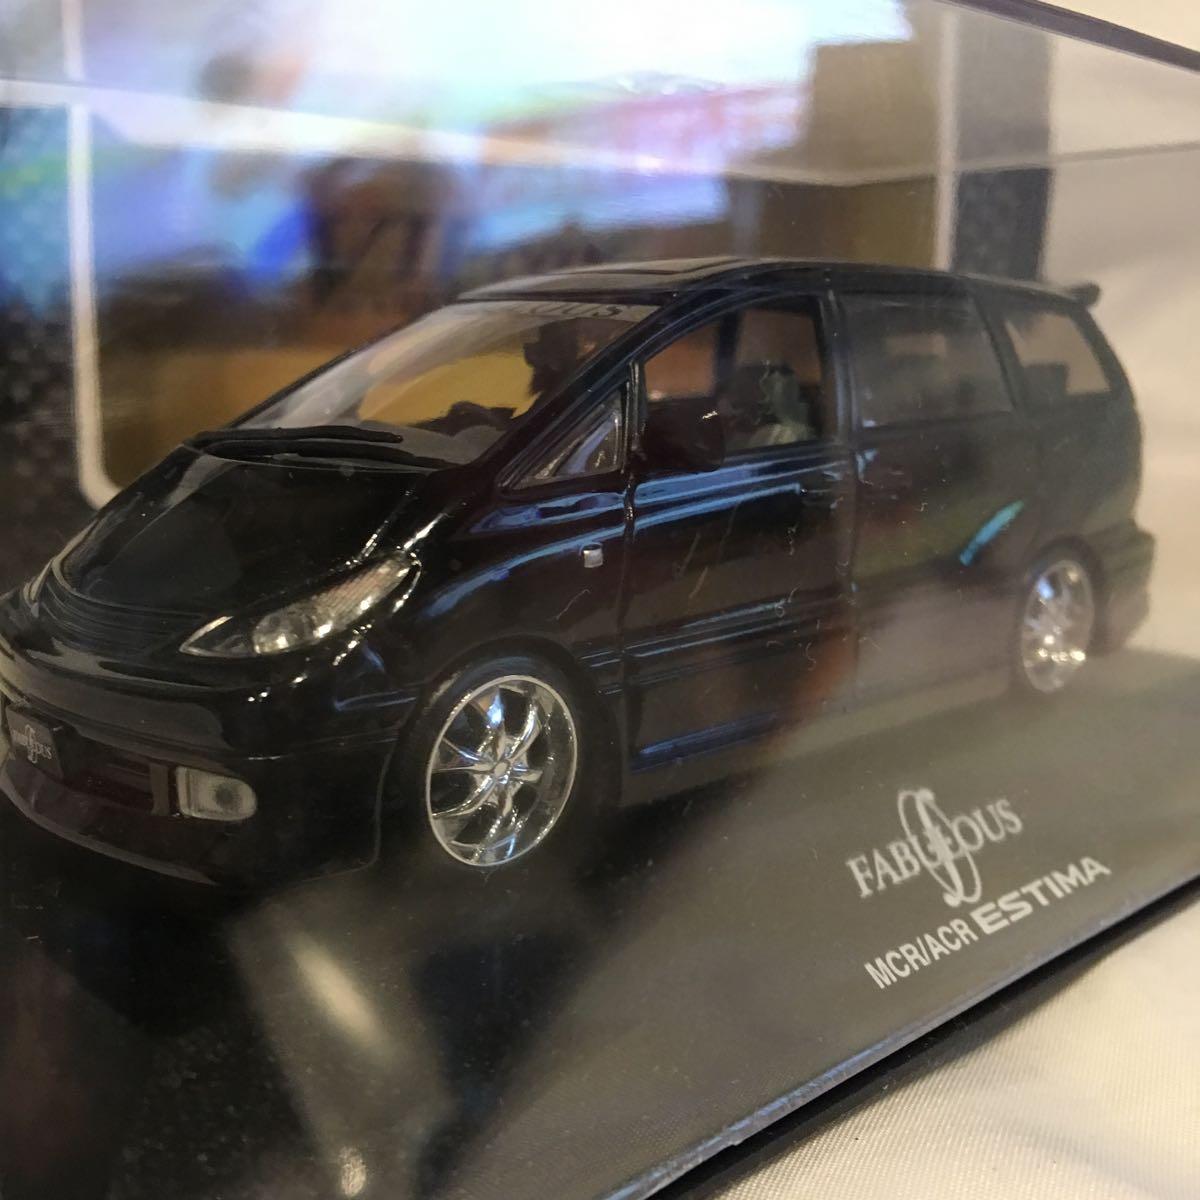 アオシマ 1/43 FABULOUS ACR MCR トヨタ エスティマ ブラック ミニカー ファブレス エアロ ホイール カスタム モデルカー 黒色 ESTIMA_画像7